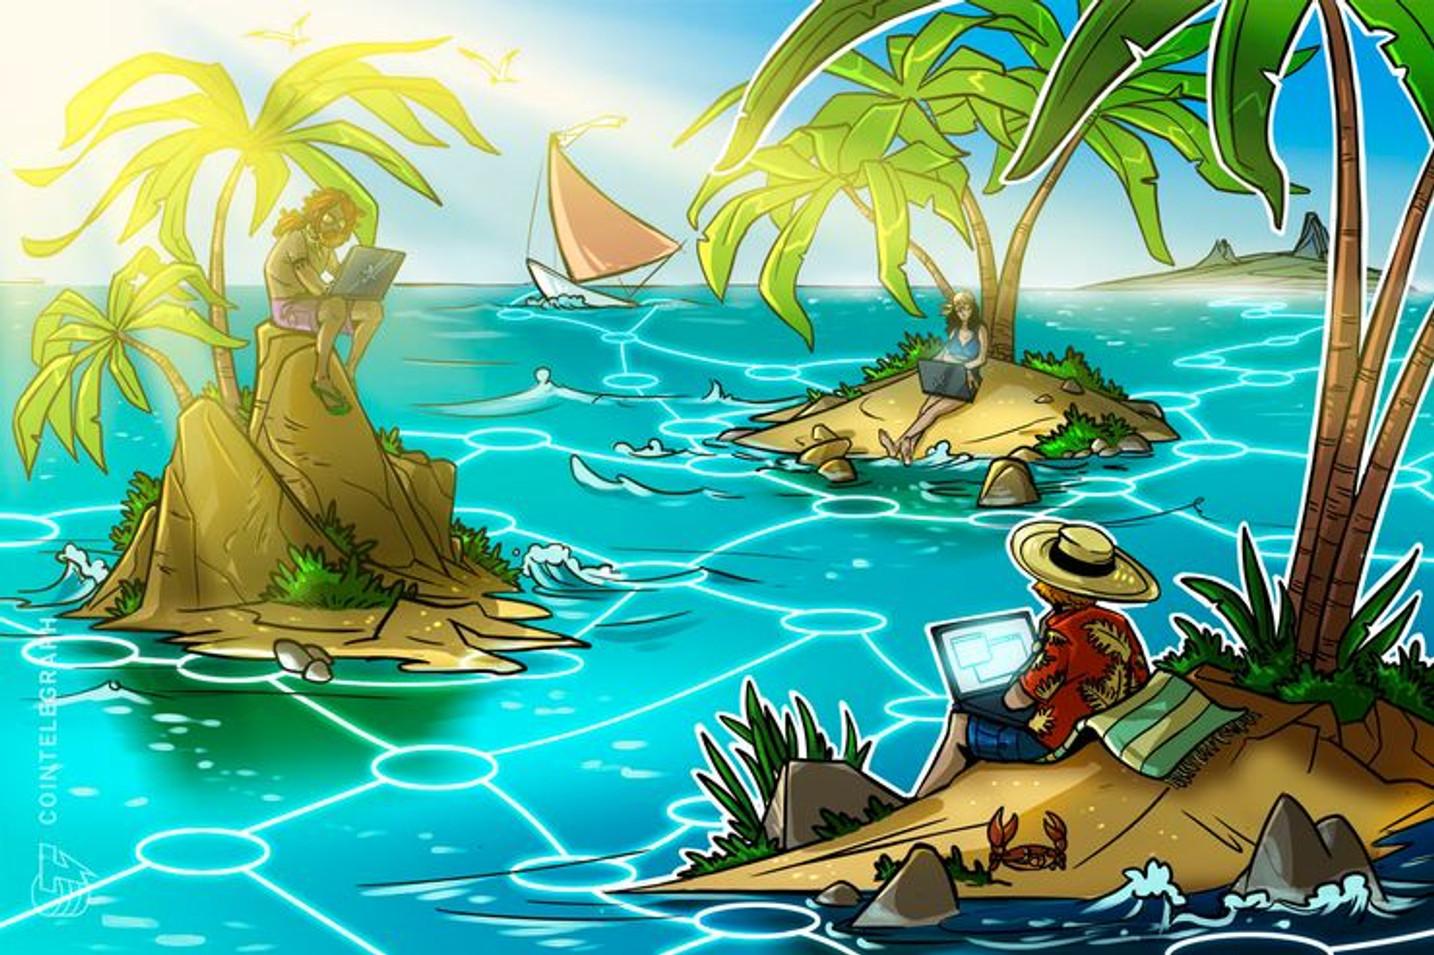 P2P brasileiro quer criar 'ilha de Bitcoin' no Rio de Janeiro em parceria com PundiX